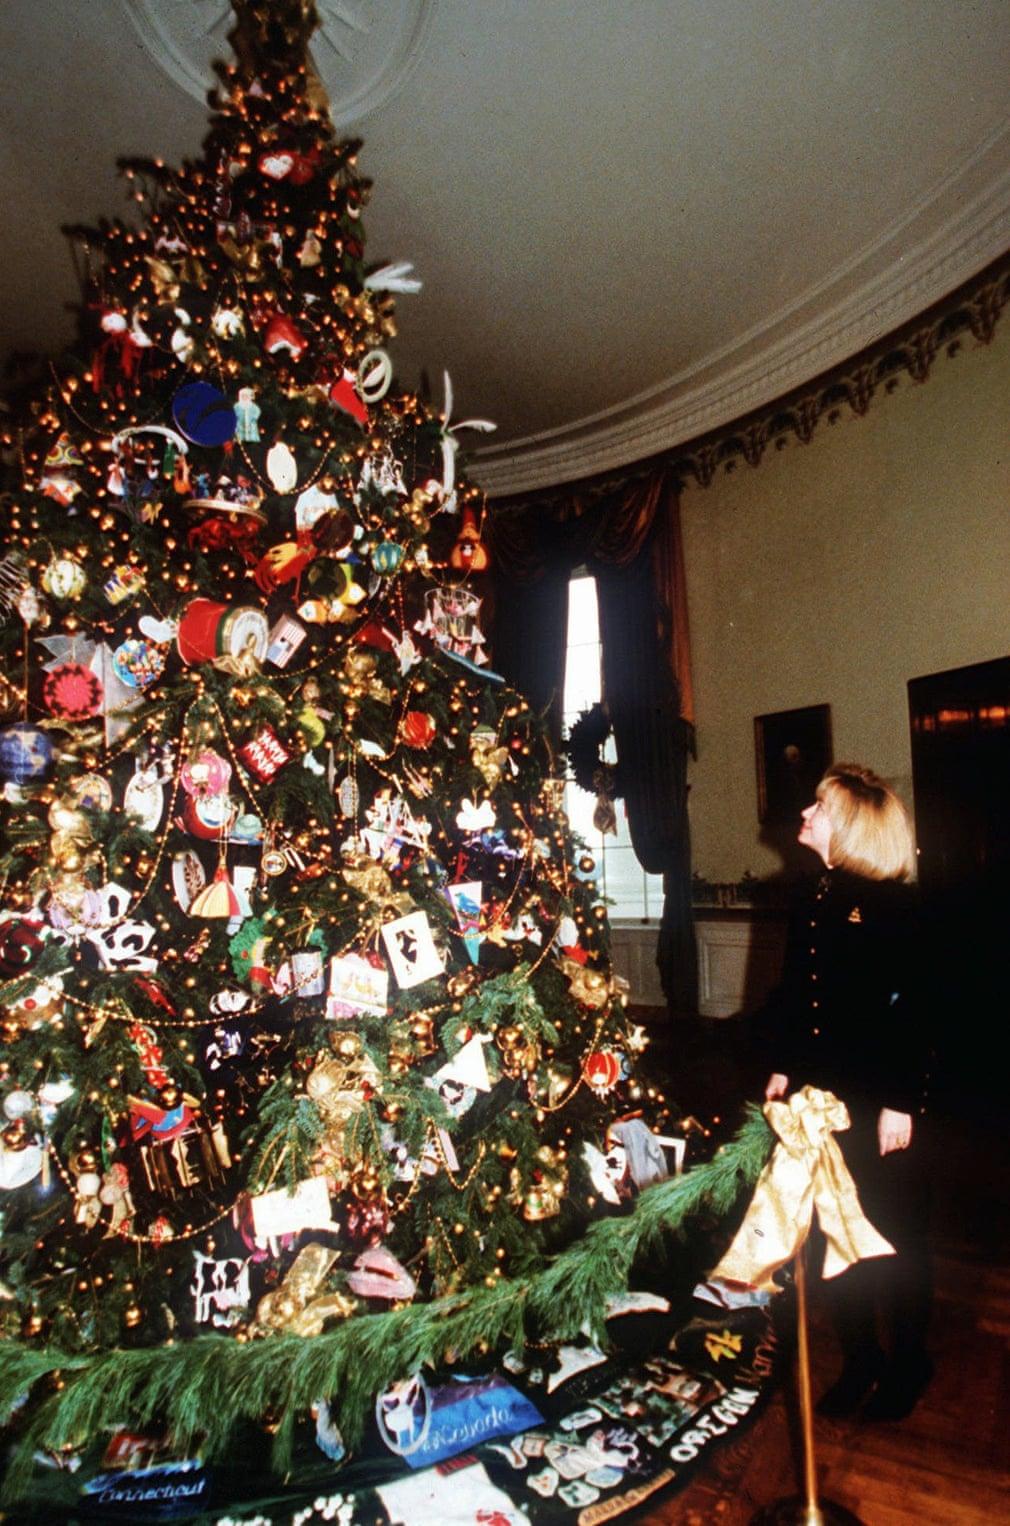 هيلارى كلينتون بجانب شجرة كريسماس 1994